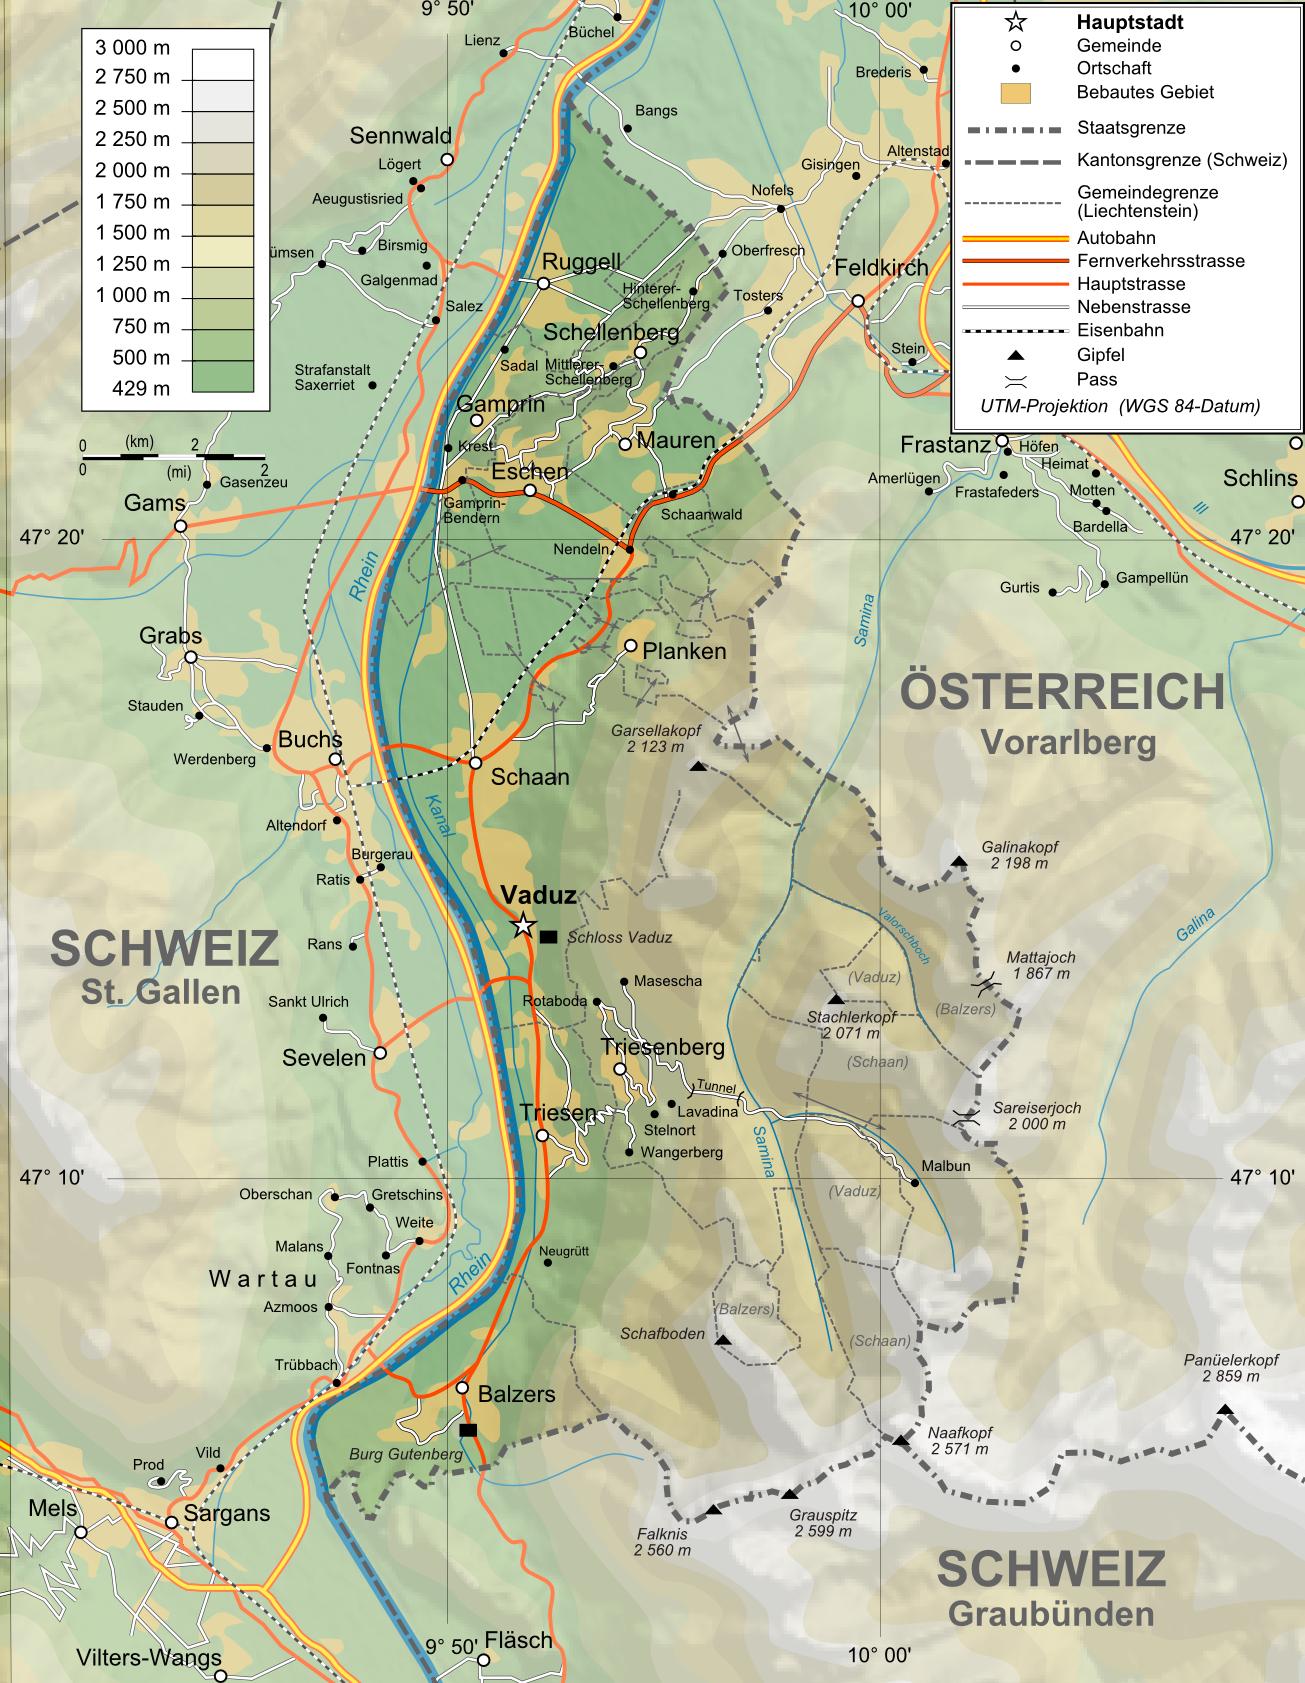 Topographische Karte Deutschland Kostenlos.Landkarte Liechtenstein Topographische Karte Weltkarte